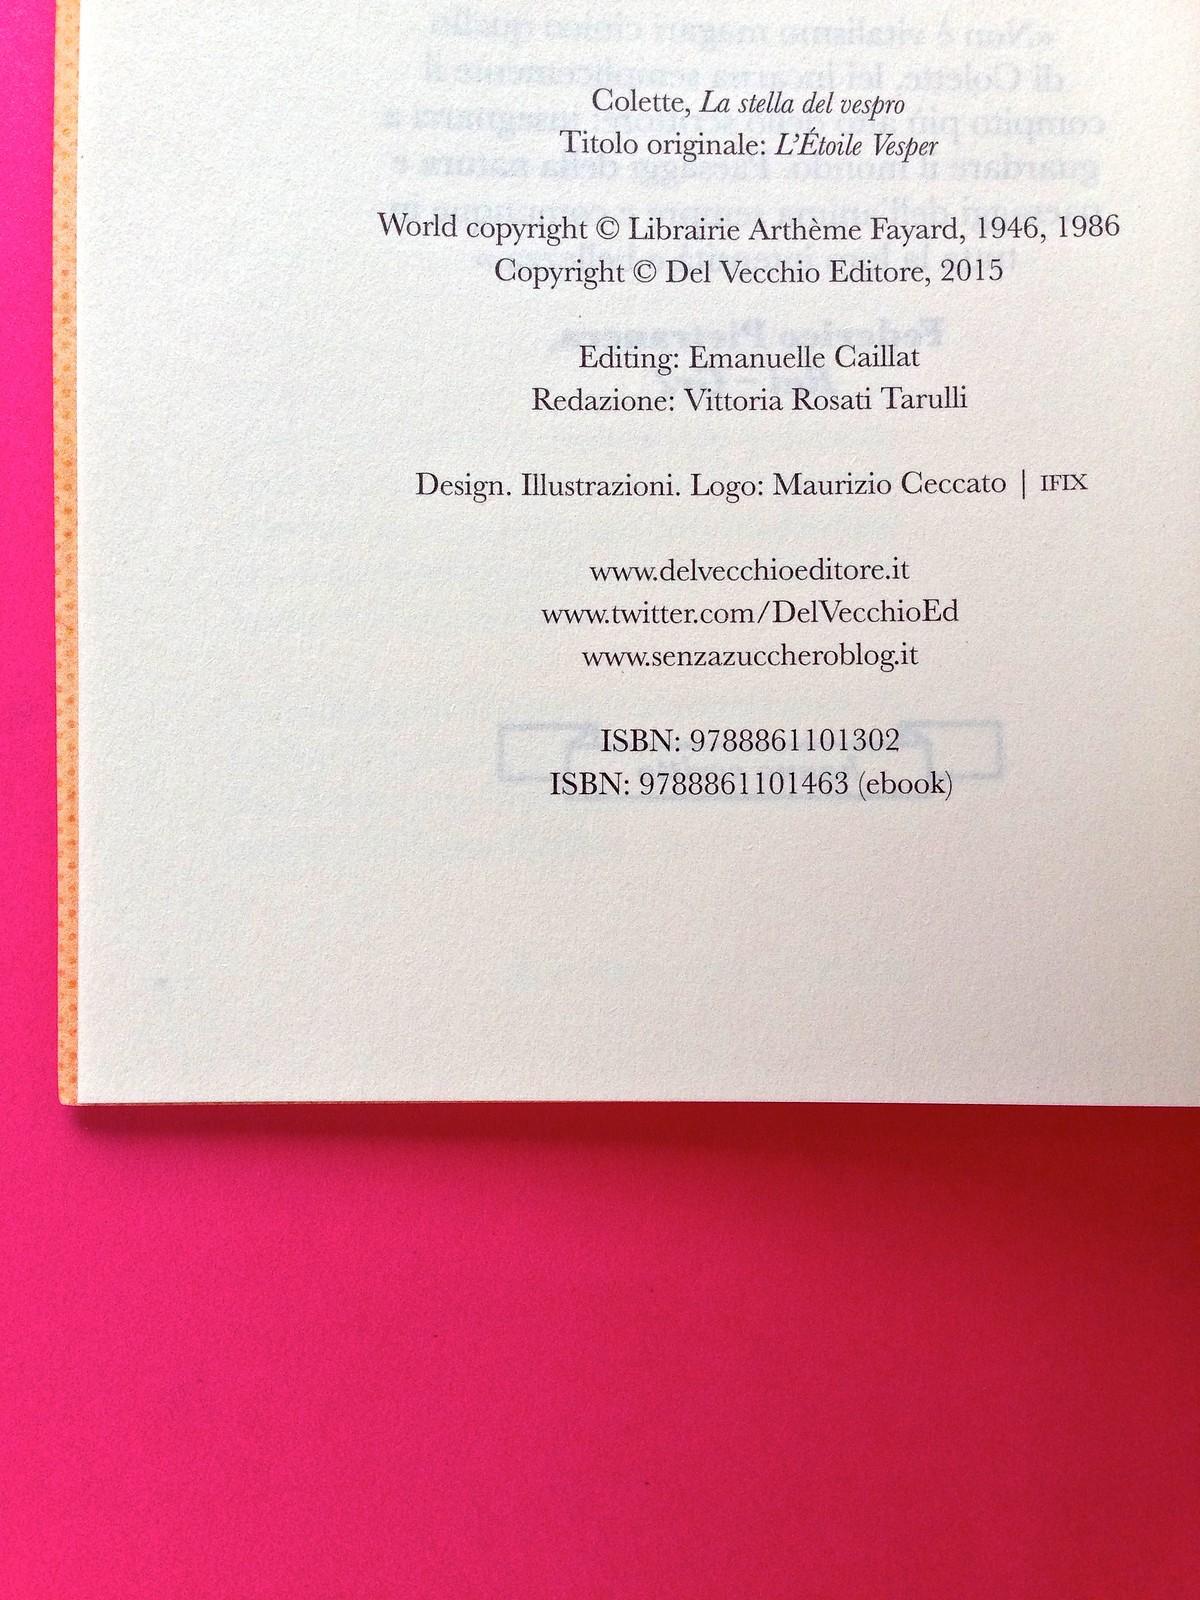 La stella del vespro, di Colette. Del Vecchio Editore 2015. Art direction, cover, illustrazioni, logo design: IFIX | Maurizio Ceccato. Colophon, al verso della pagina del blurp, a pag. 4 (part.), 1